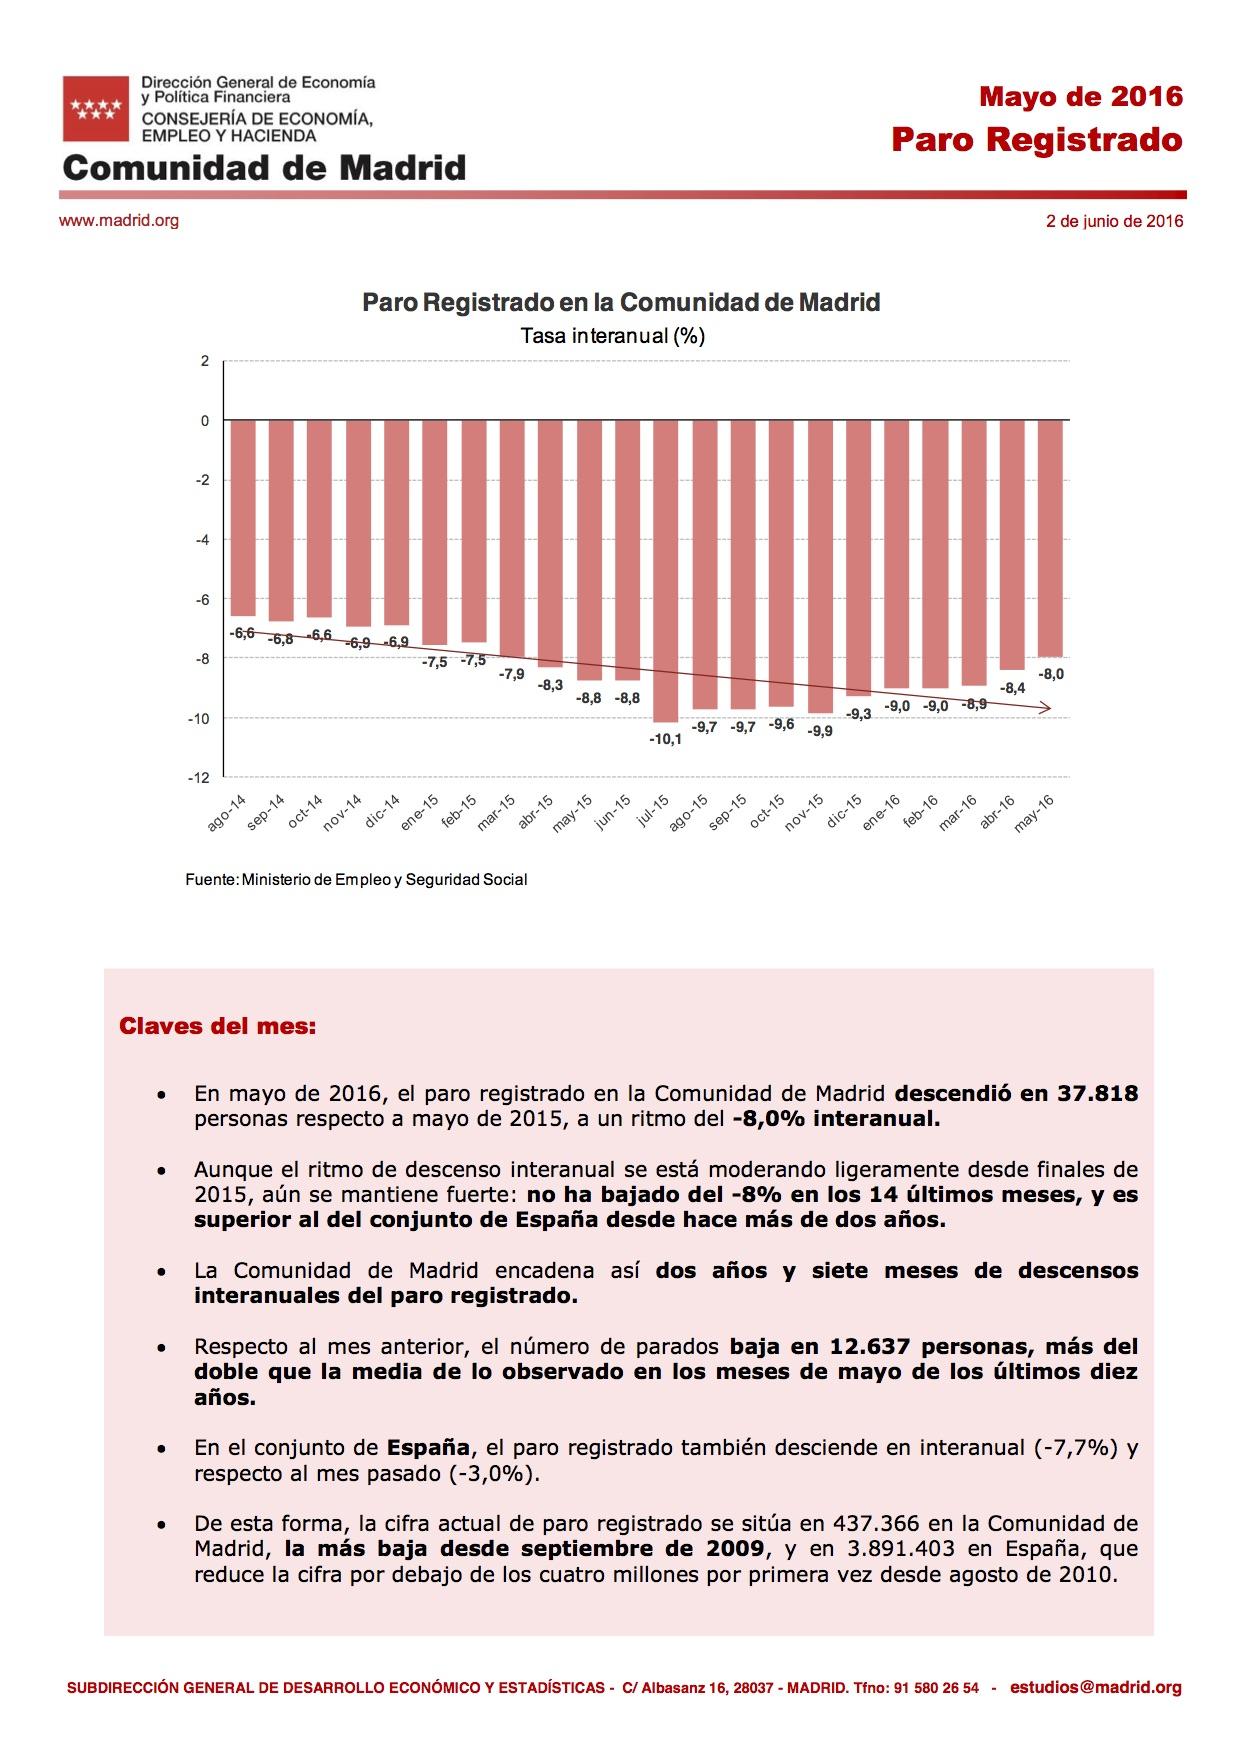 Paro registrado mayo Comunidad de Madrid